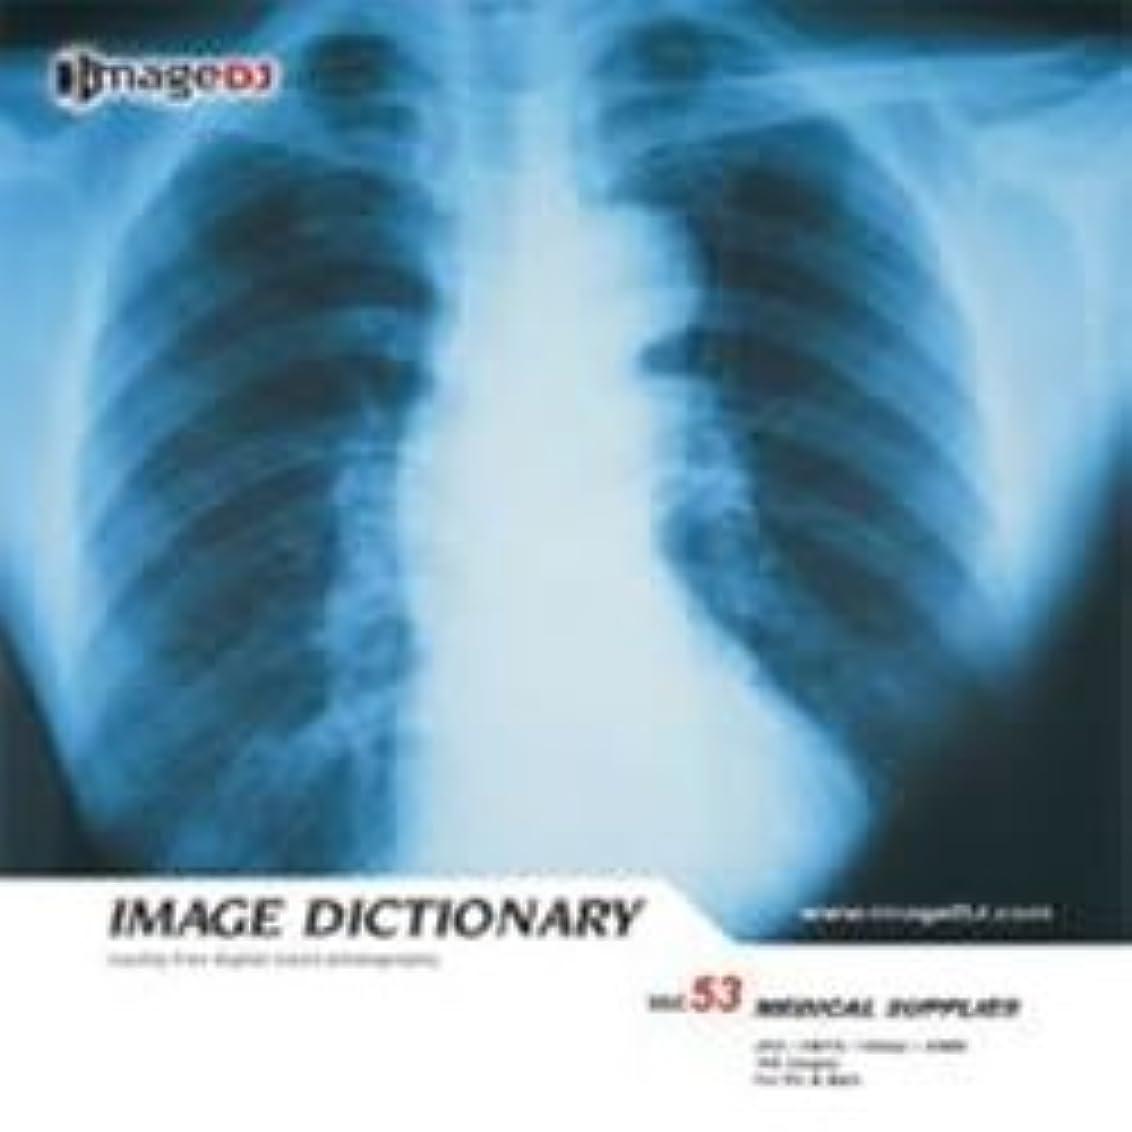 によるとデコードする無視イメージ ディクショナリー Vol.53 医療用品